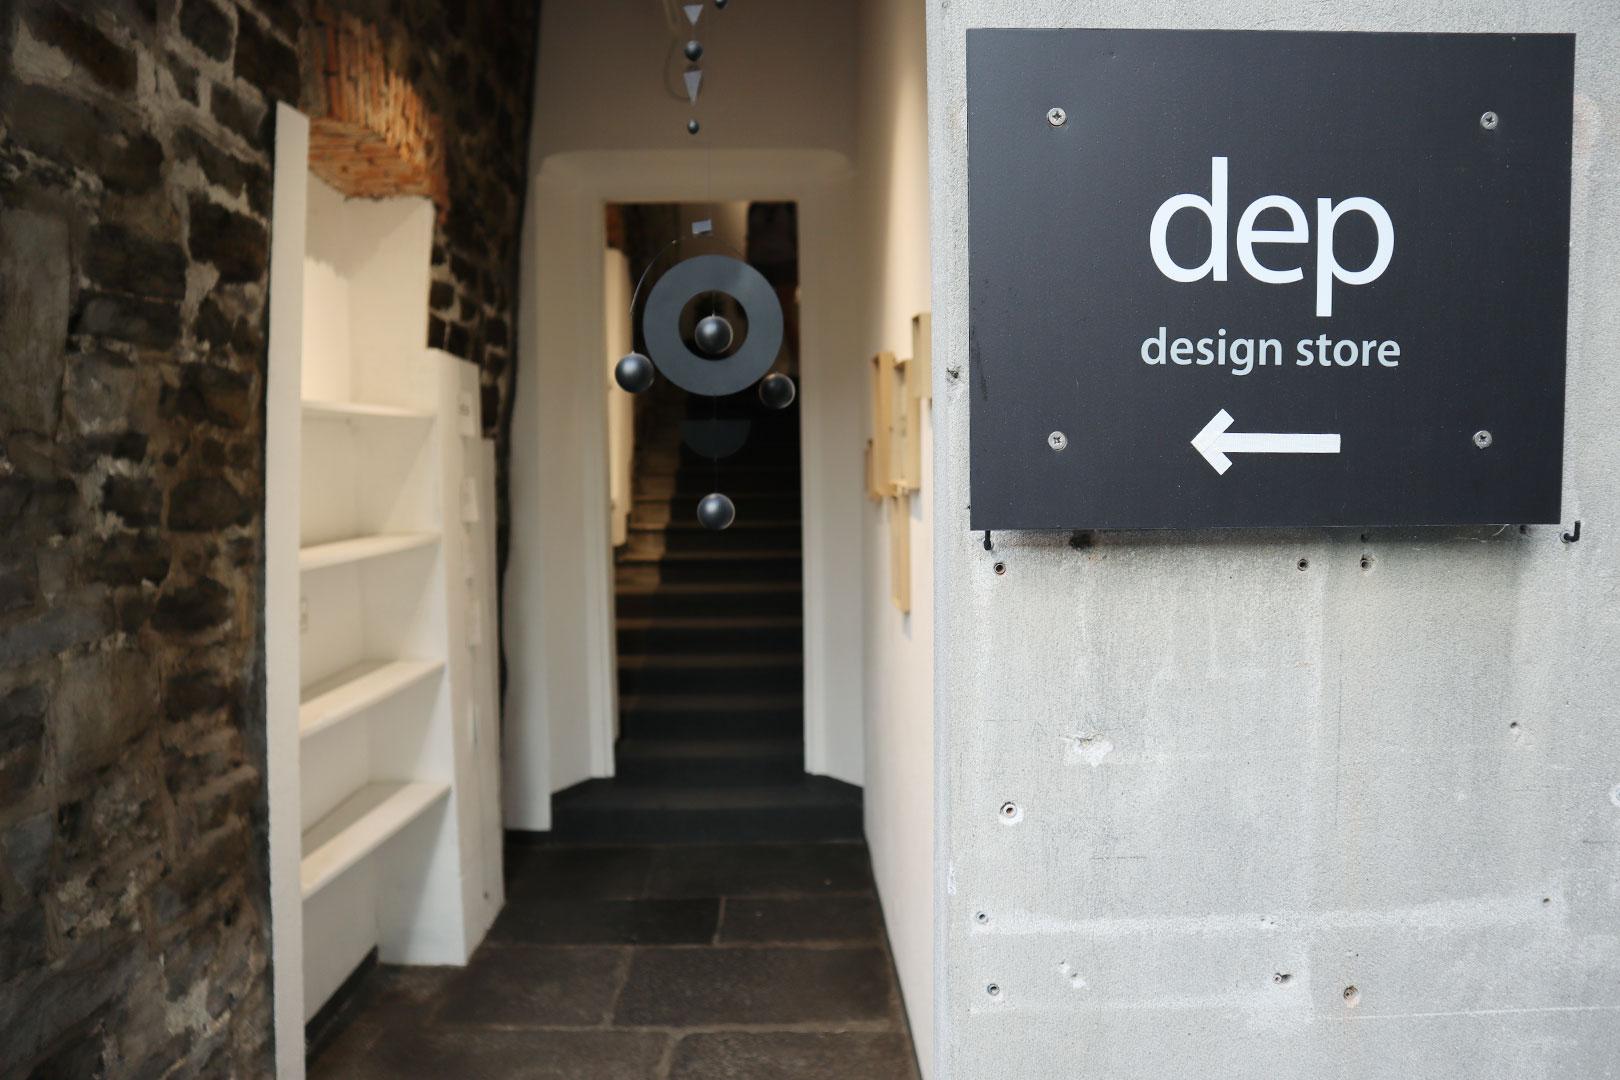 dep design store